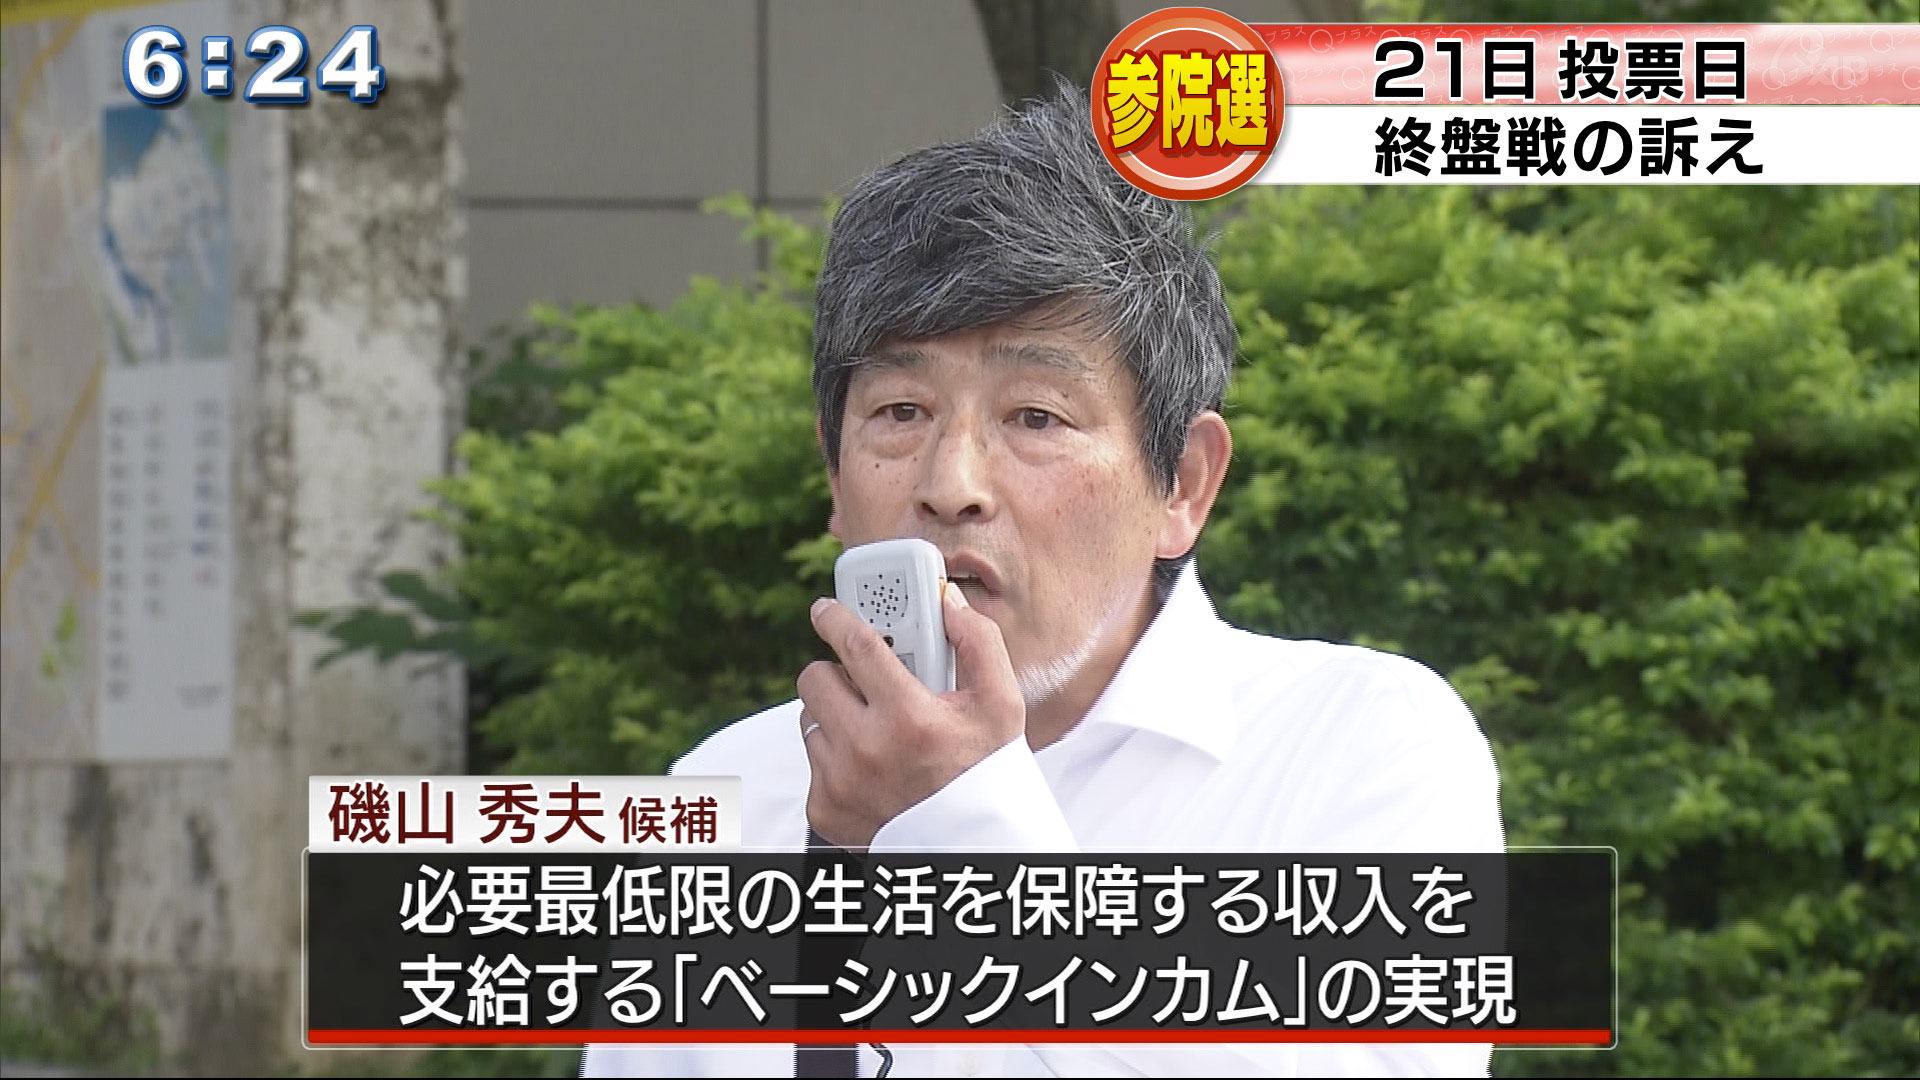 磯山さんは政府が国民に必要最低限の生活を保障する収入を支給する制度「ベーシックインカム」の実現